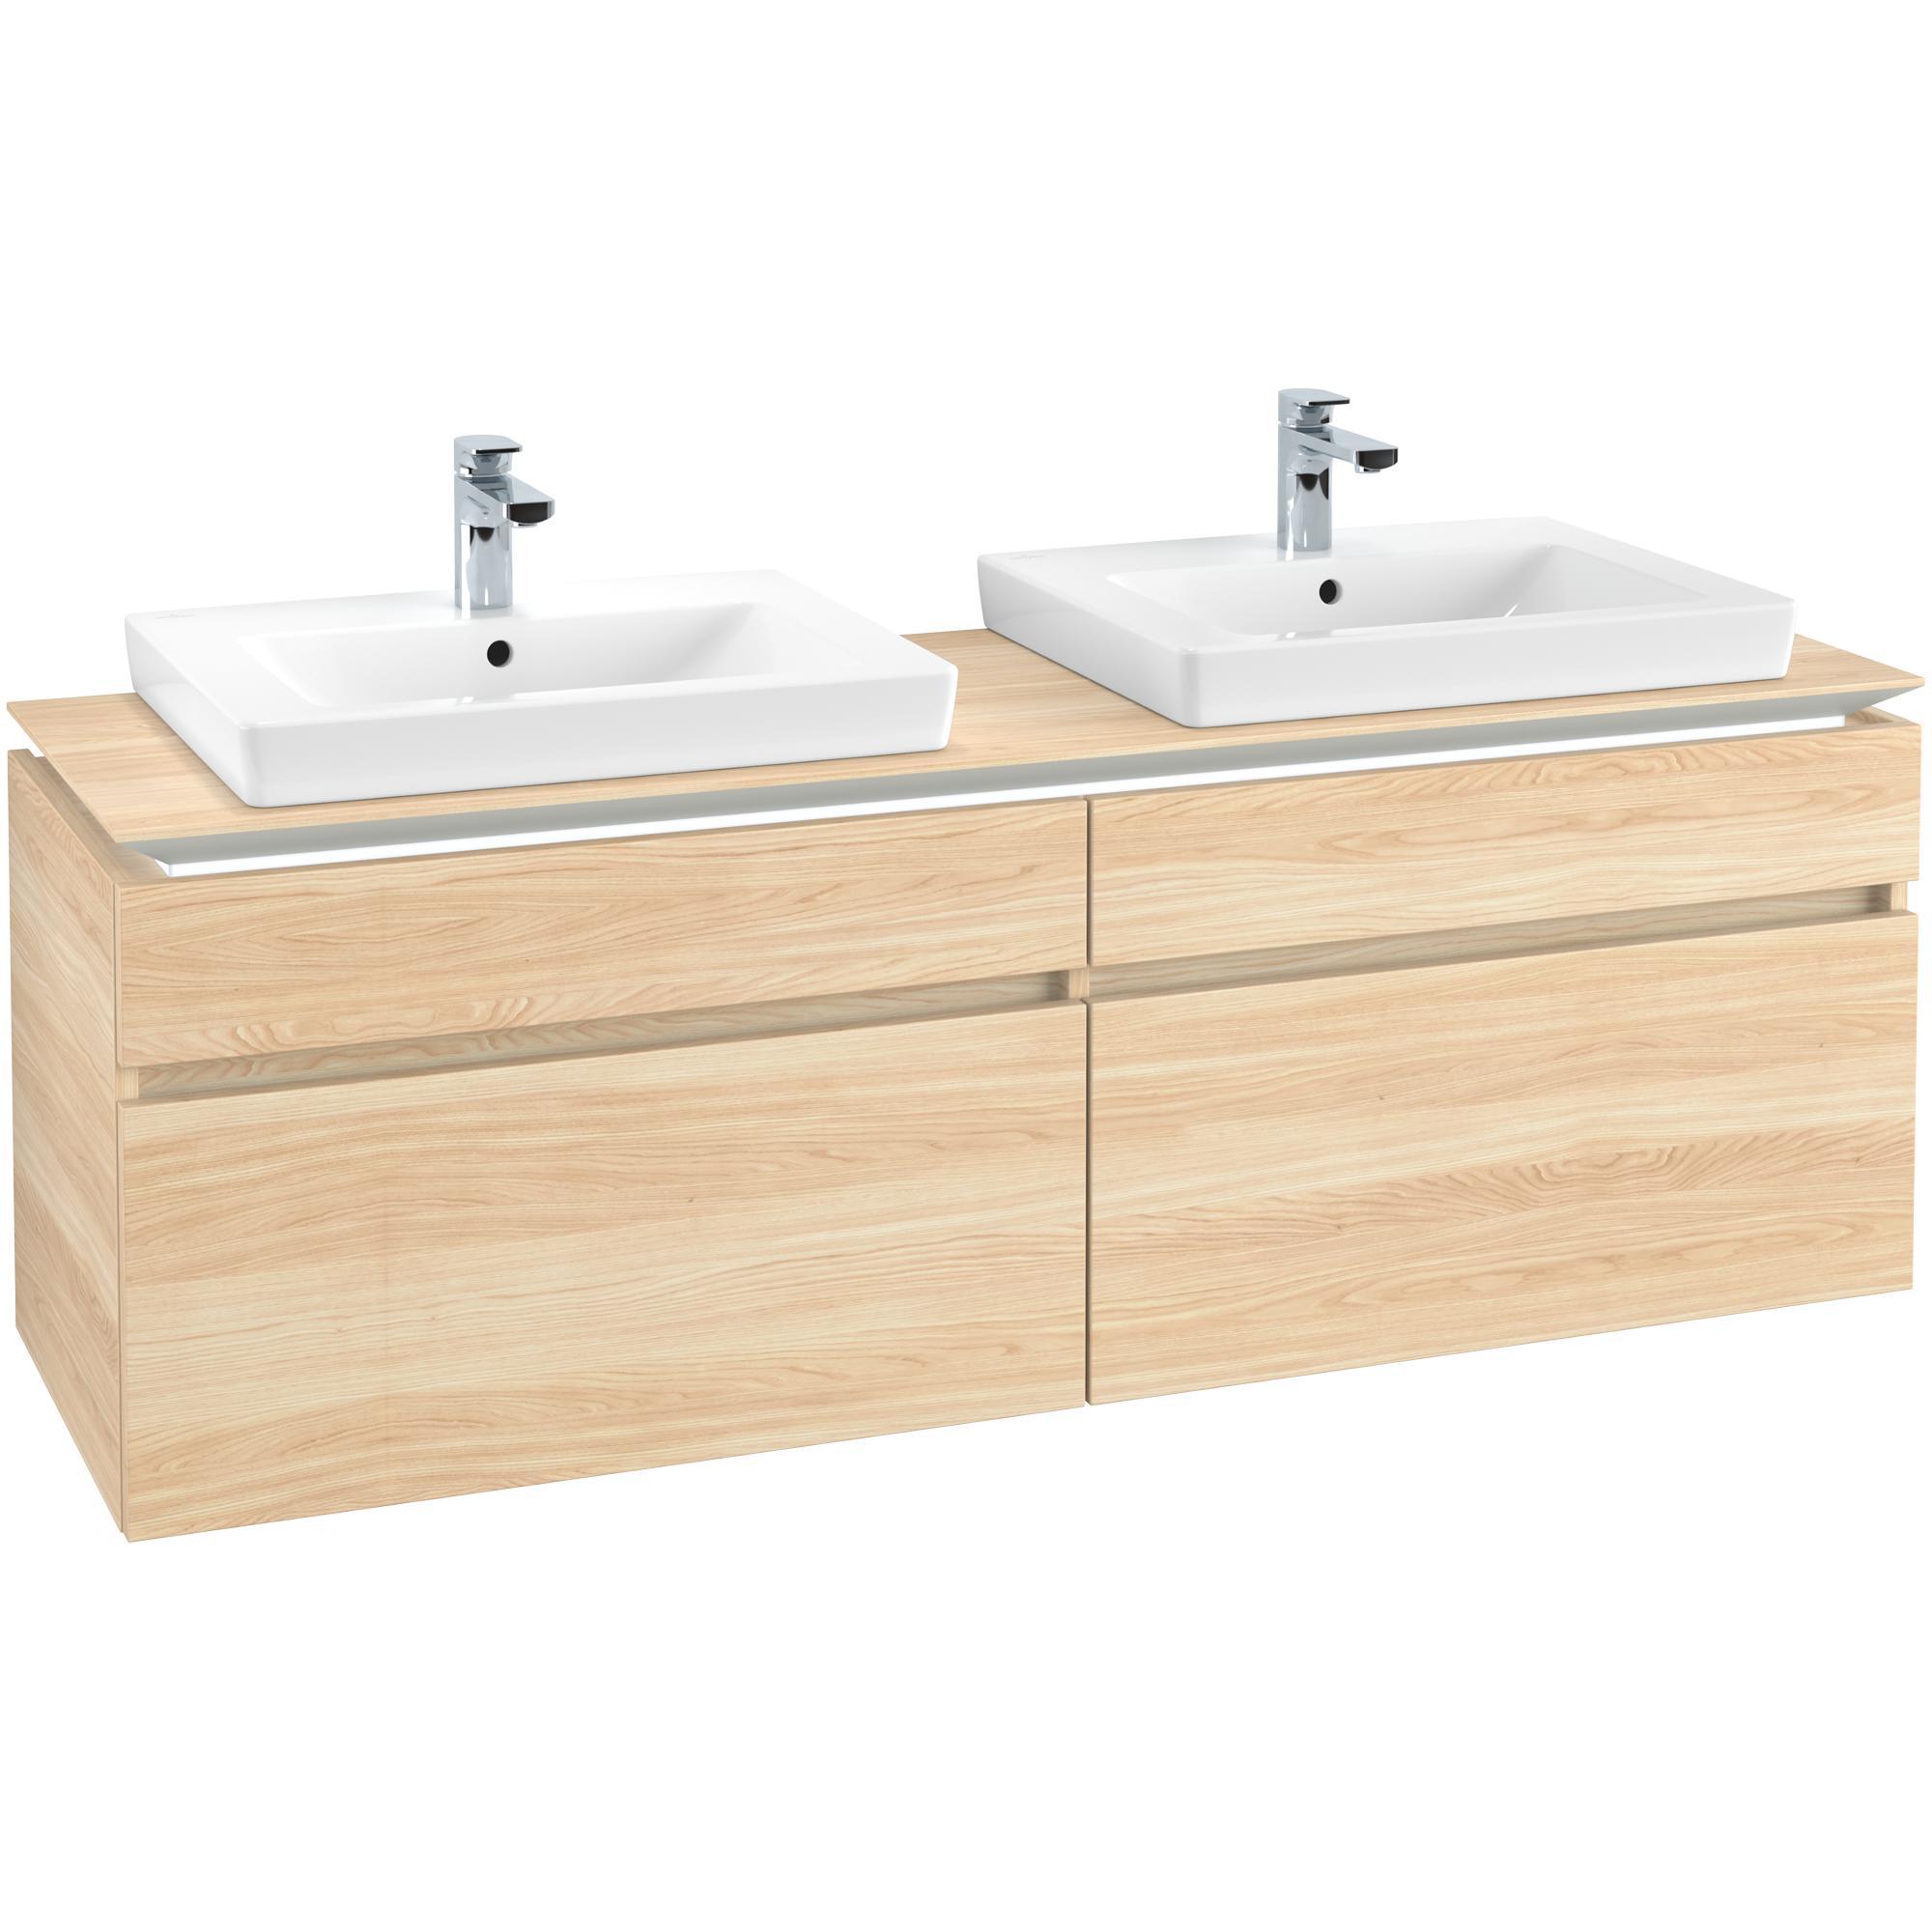 Tvättställsskåp Villeroy & Boch Legato 1600 med 4 Lådor för Två Tvättställ från Finion & Subway